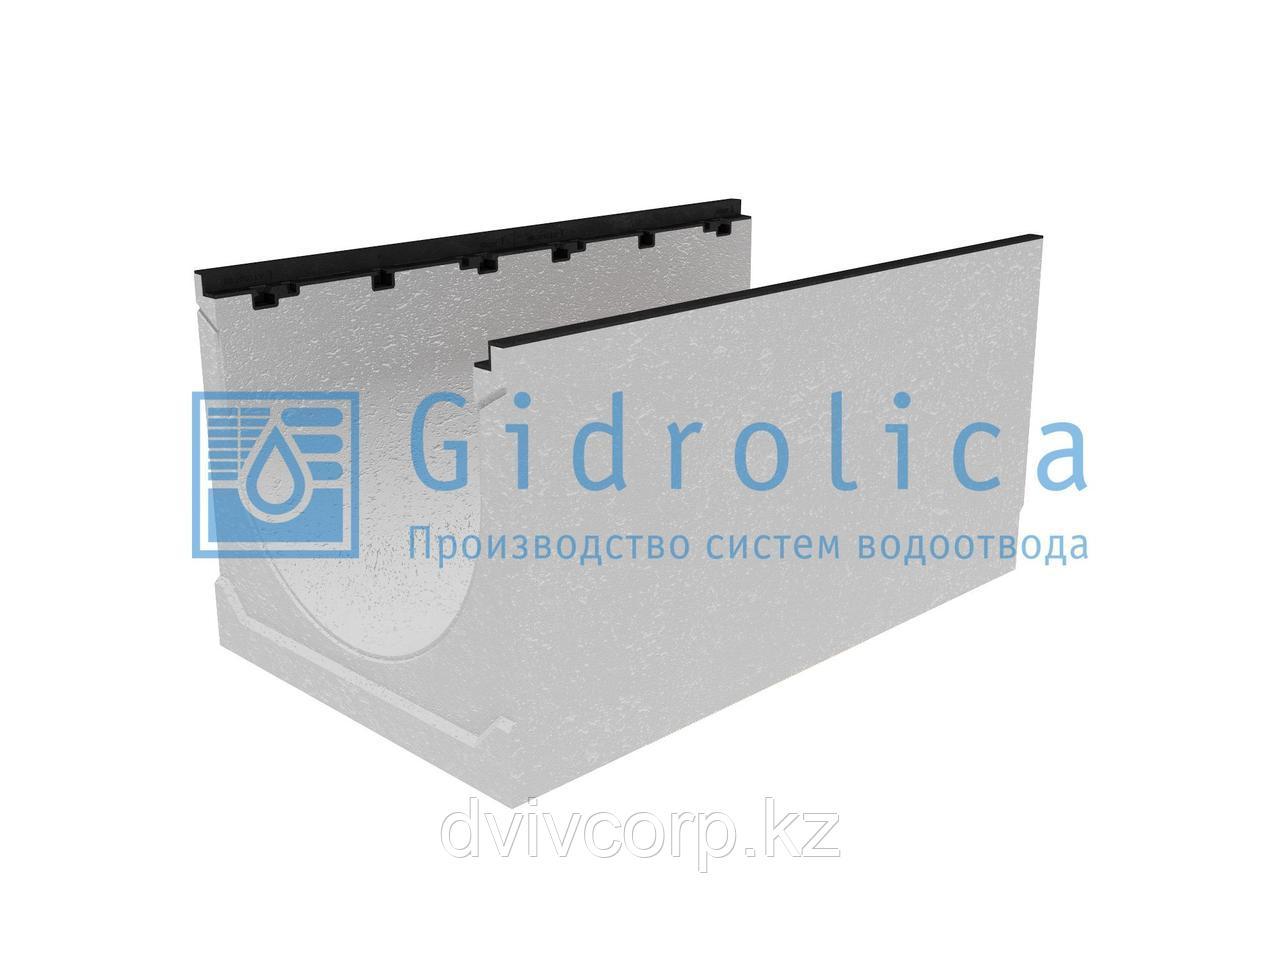 Лоток водоотводный бетонный коробчатый (СО500 мм), с чугунной насадкой, с уклоном 0,5% КUу 100.60,3